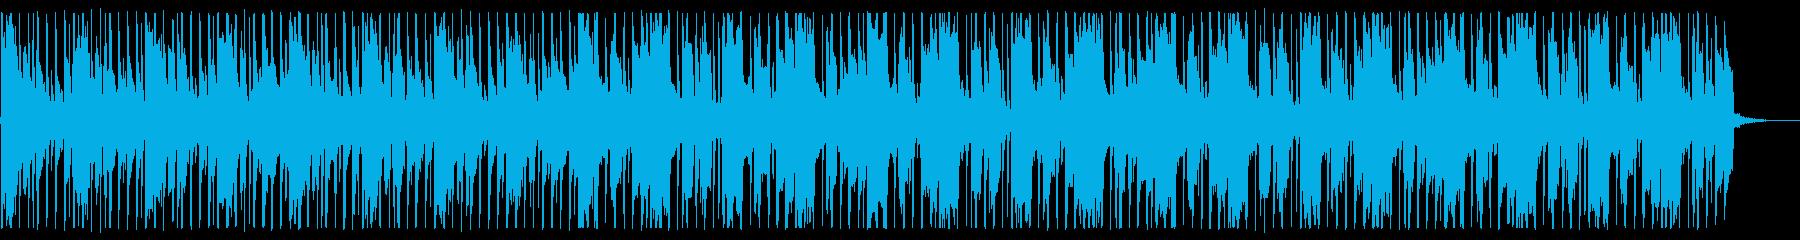 怪しげなヒップホップ_No585_3の再生済みの波形